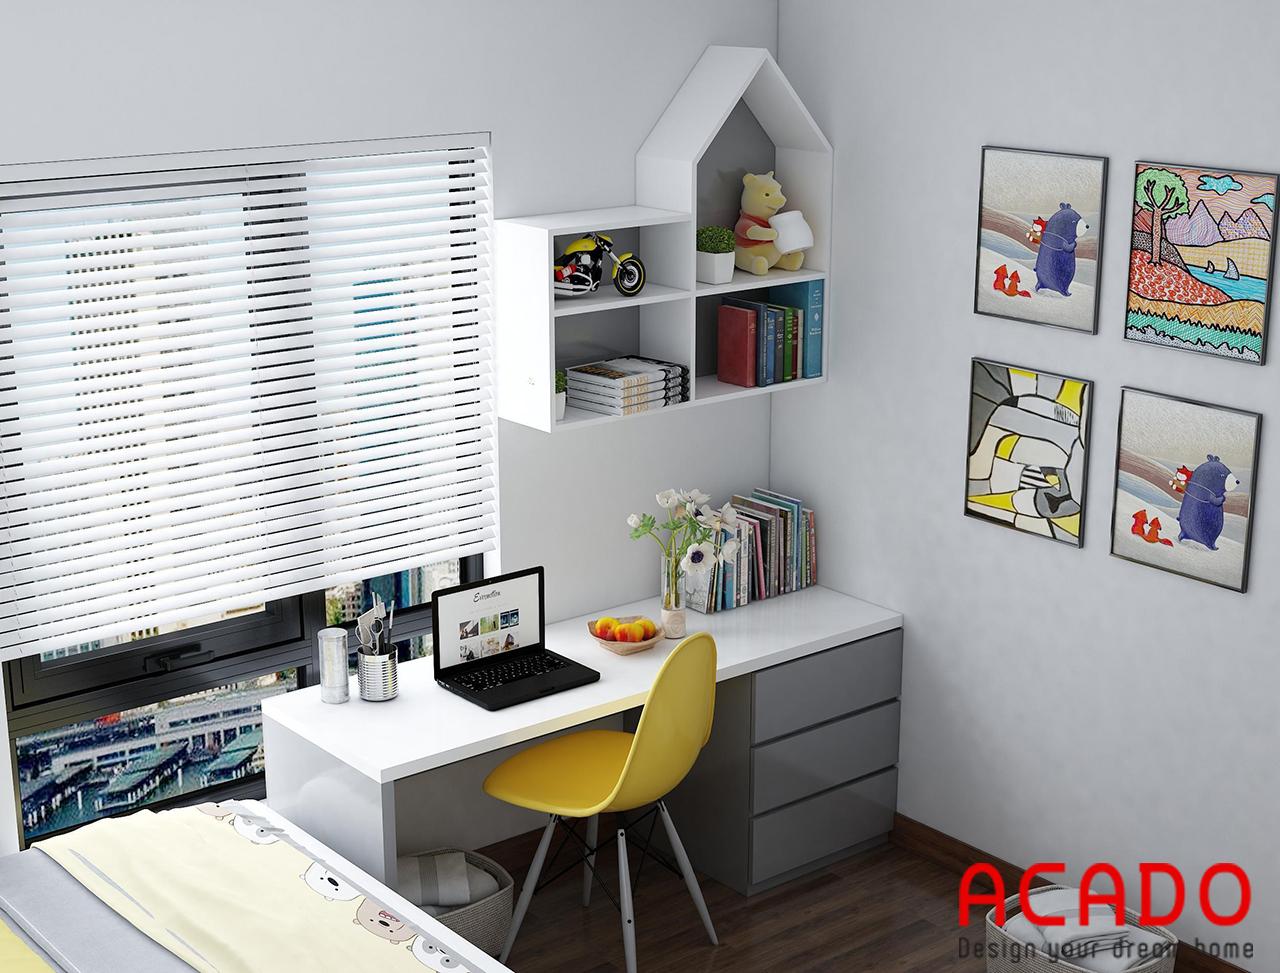 Thiết kế bàn làm việc và giá sách phòng ngủ 01 kiểu dáng hiện đại, trẻ trung